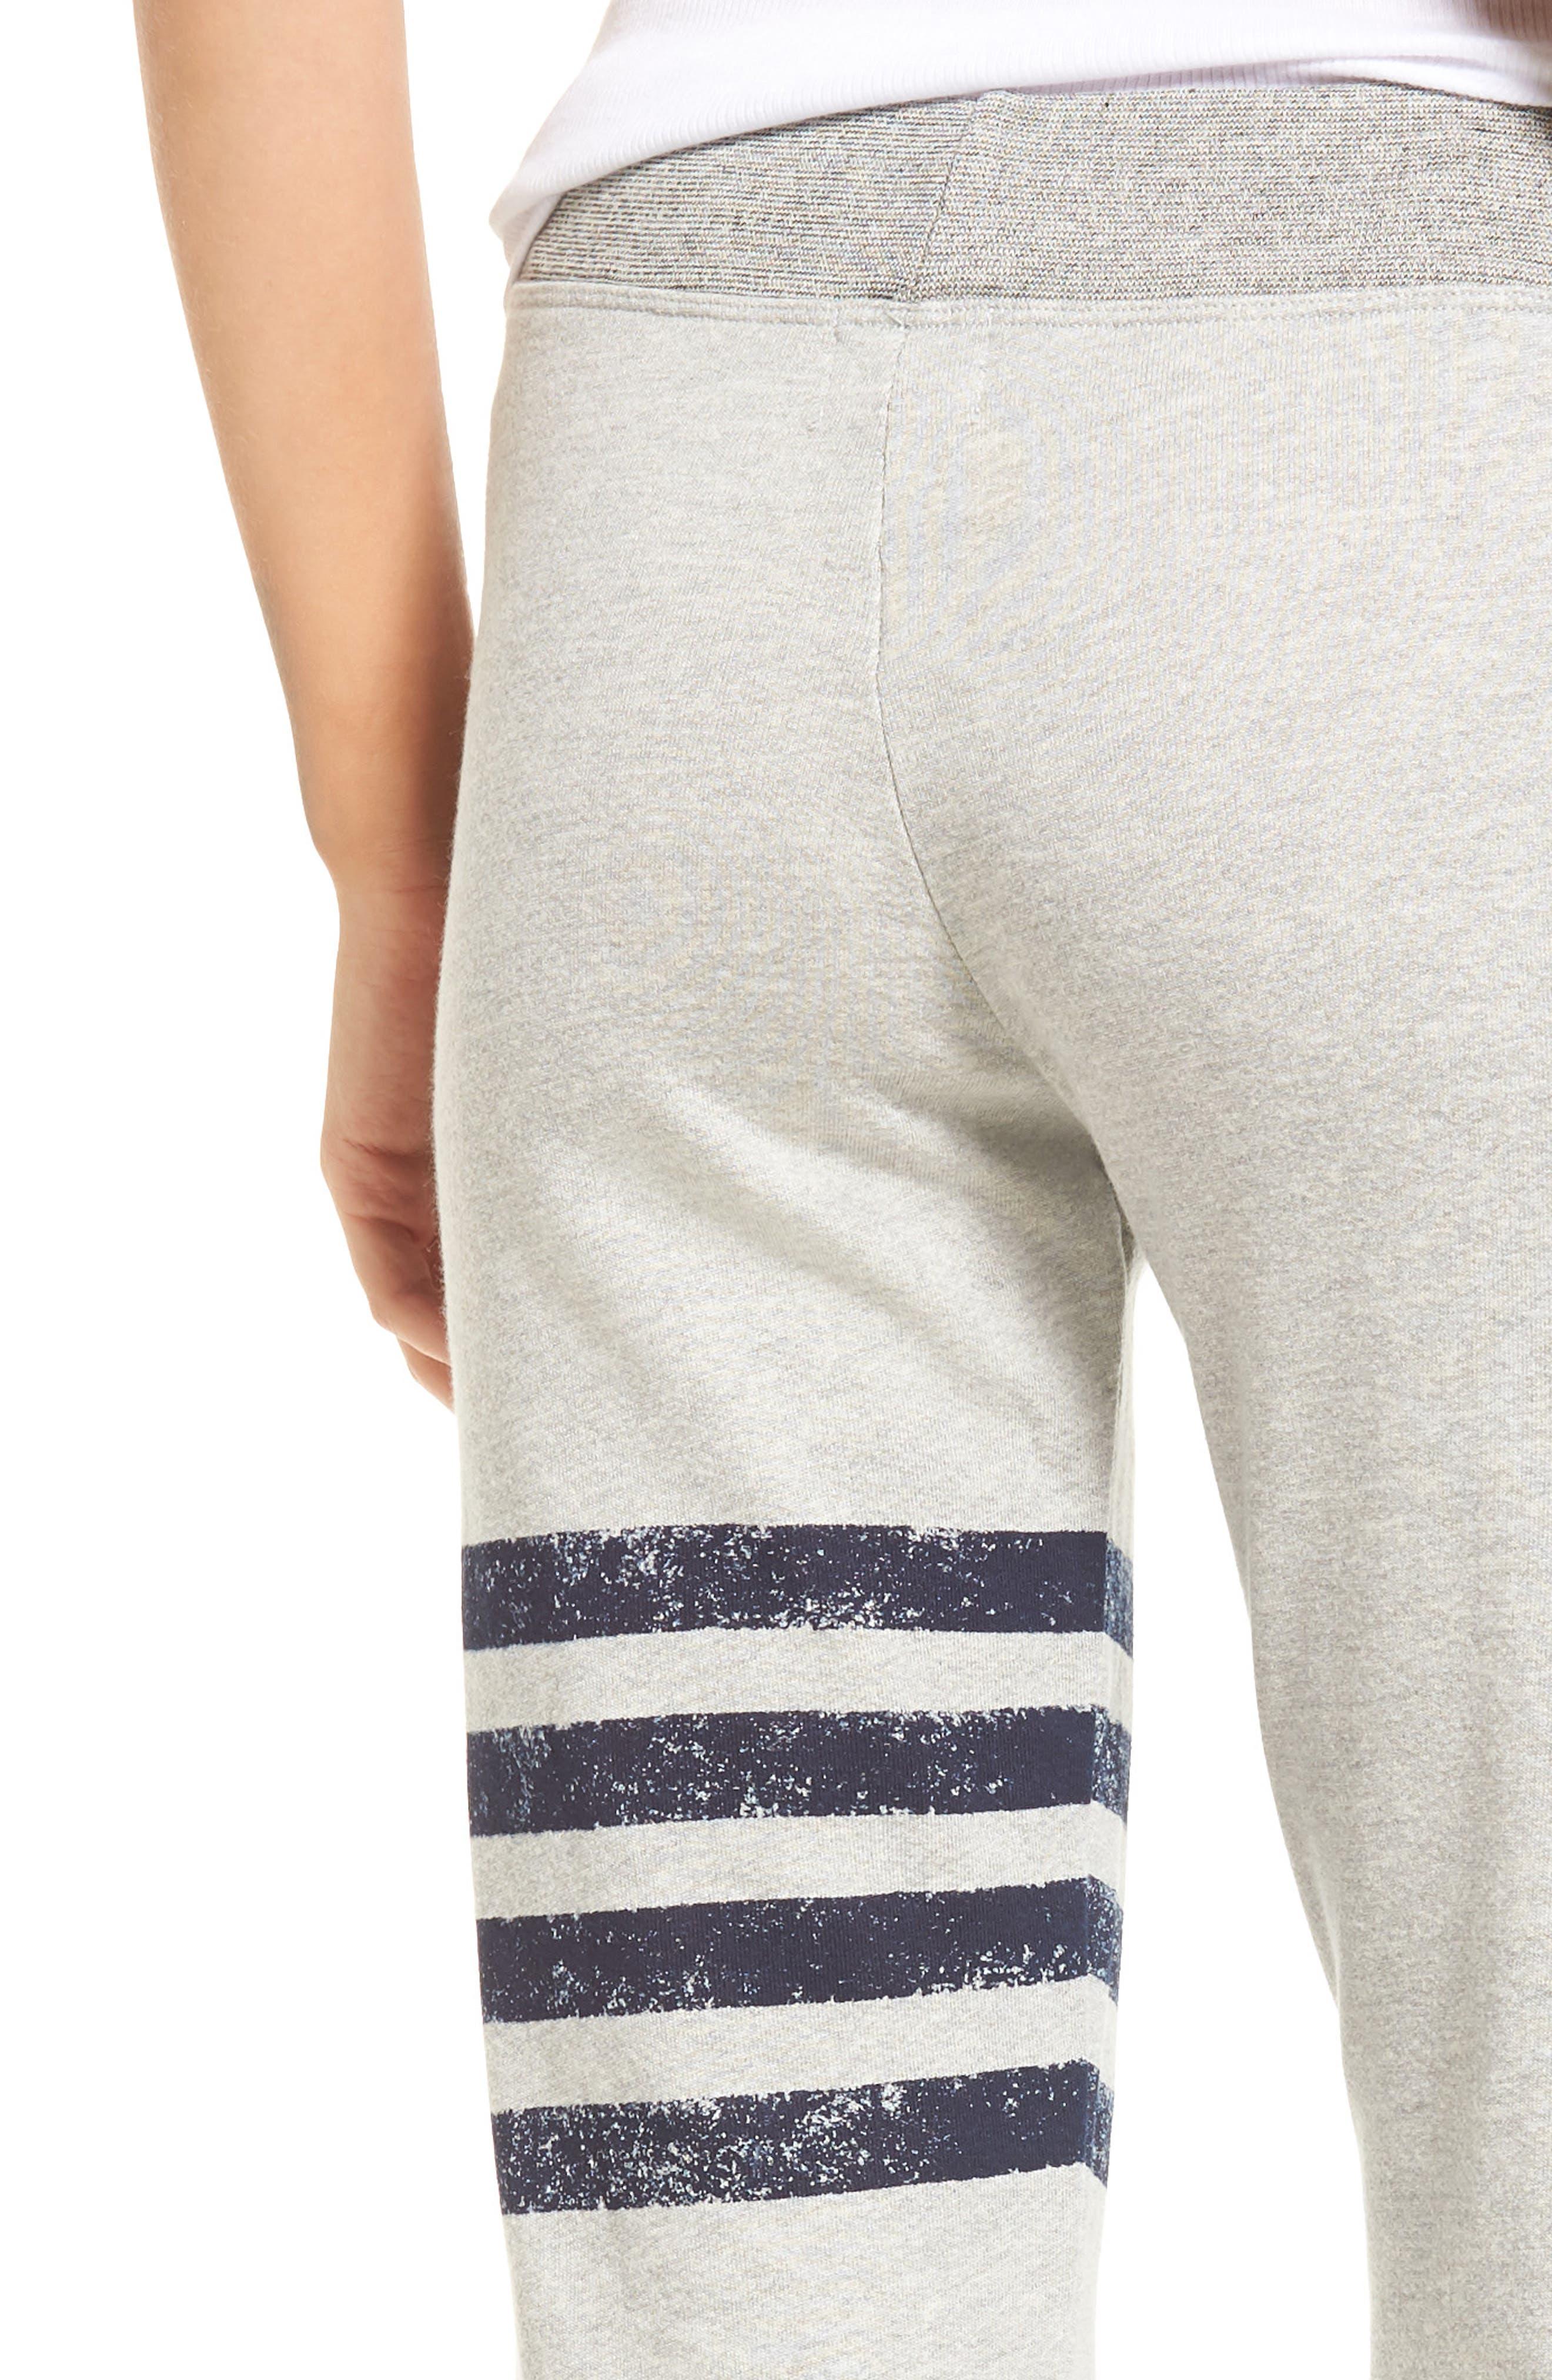 Stripe Yoga Pants,                             Alternate thumbnail 4, color,                             Soft Black